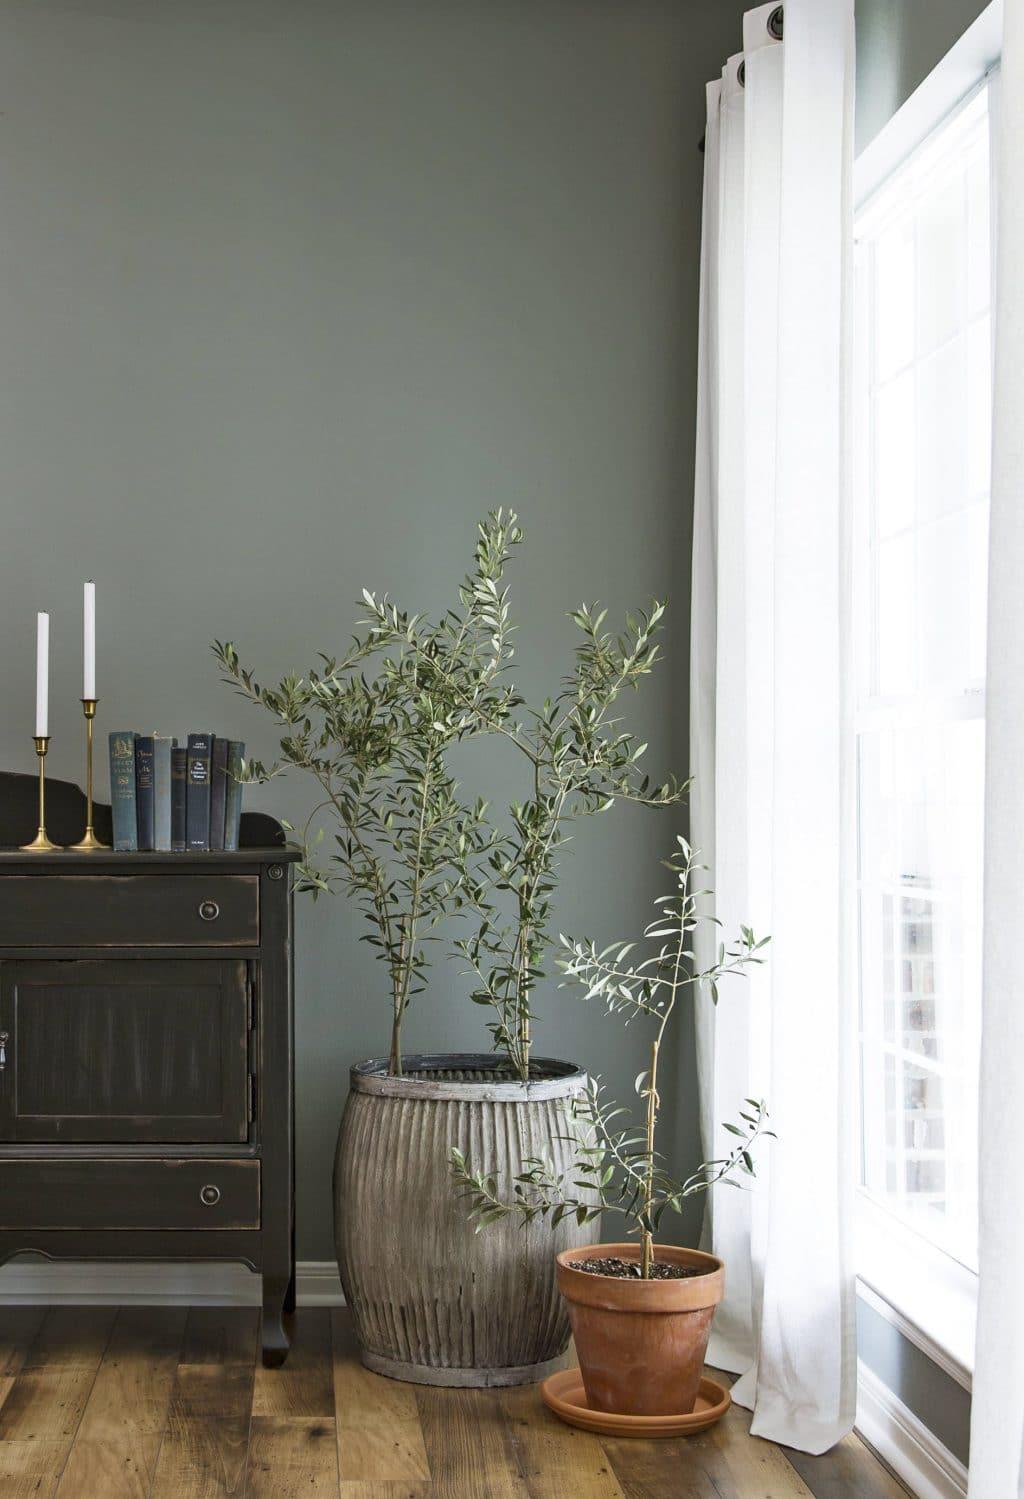 7 беспроблемных деревьев, которые можно выращивать дома комнатные растения